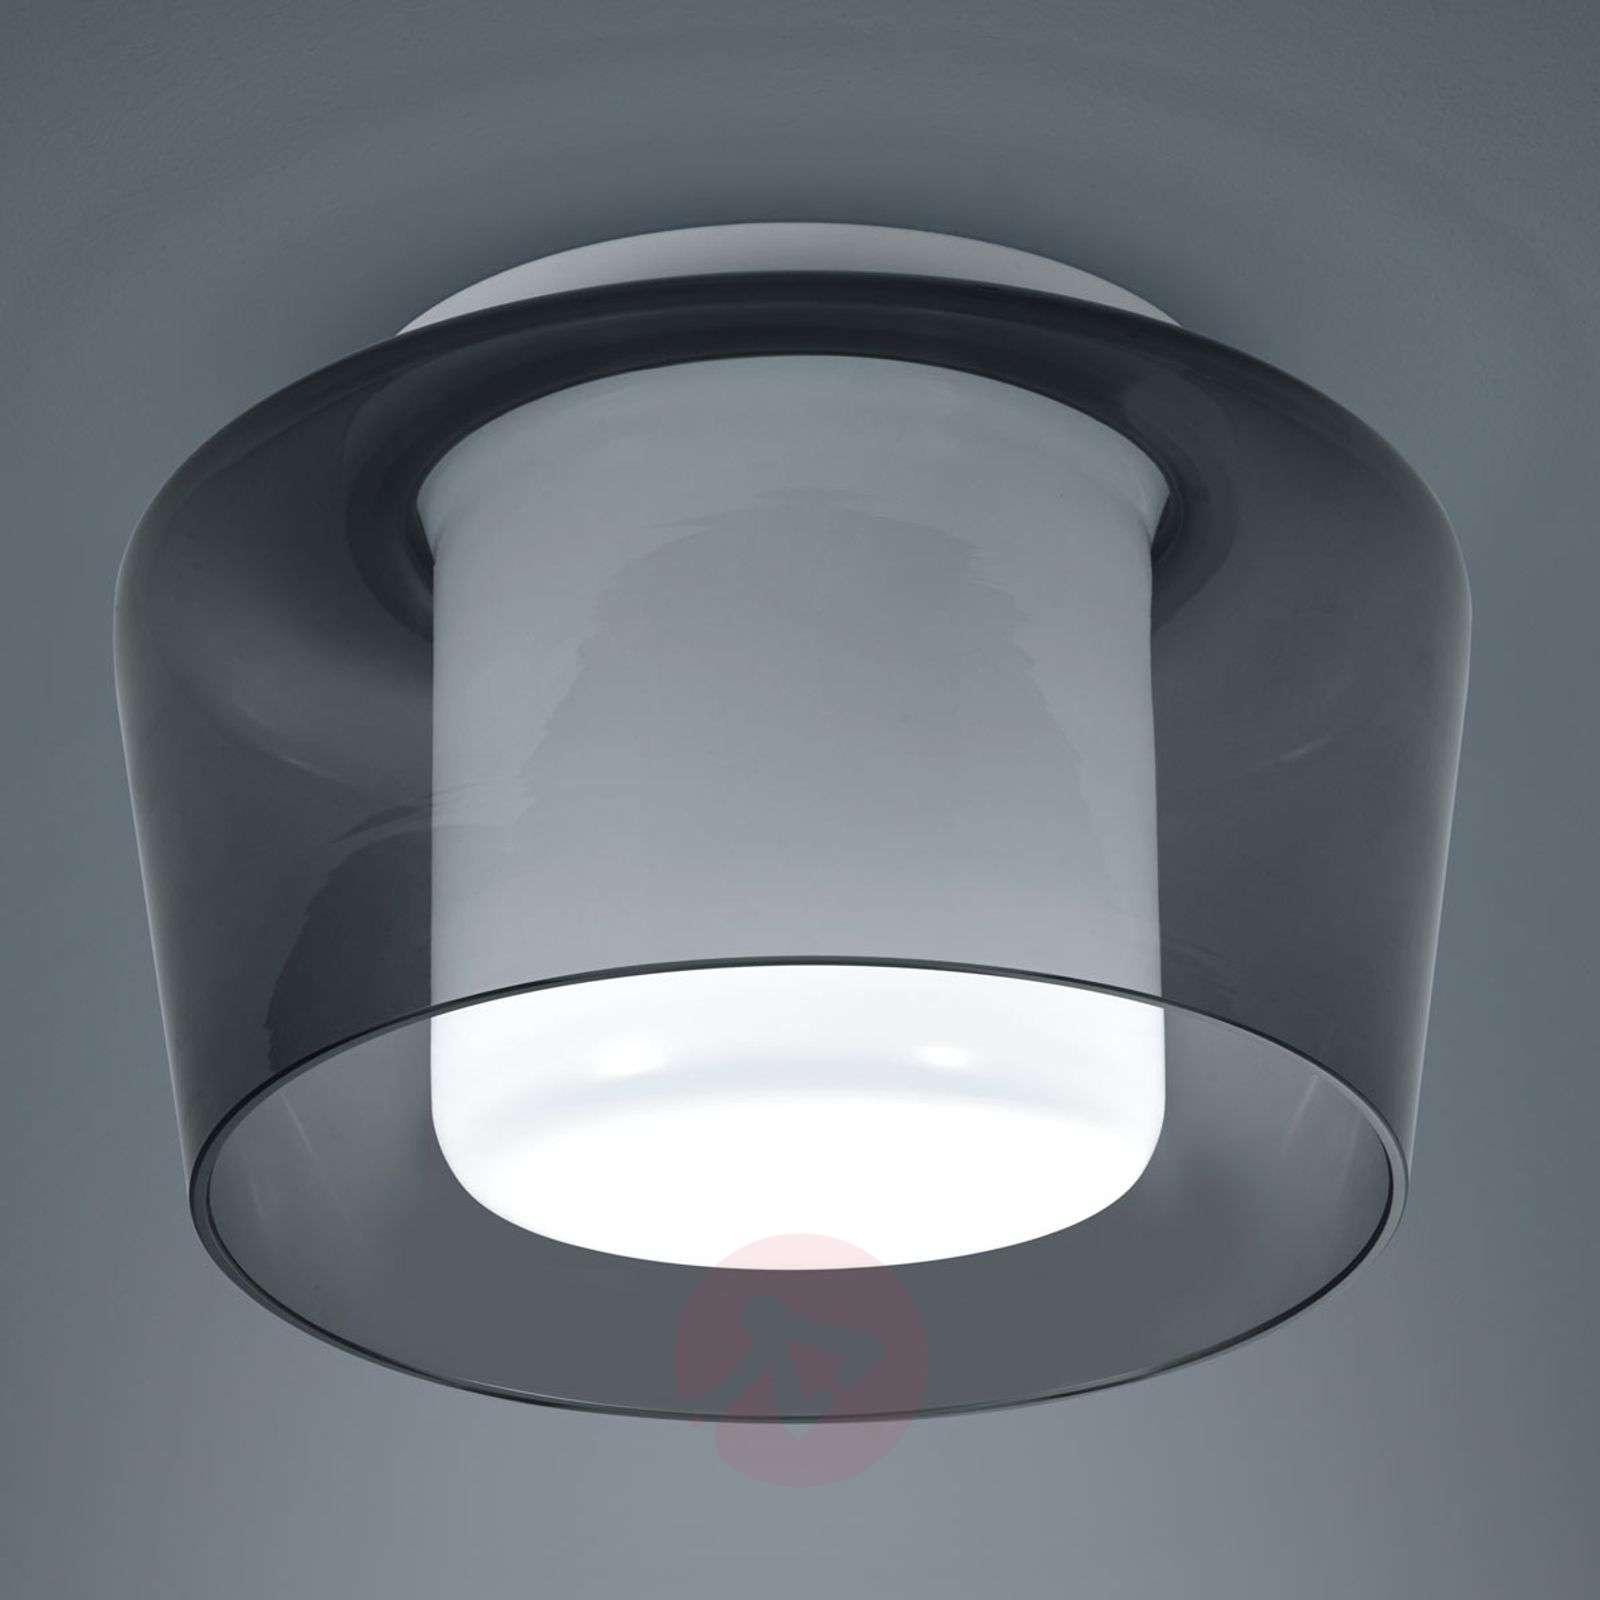 Helestra Canio lasinen kattolamppu, savunharmaa-4516952-01